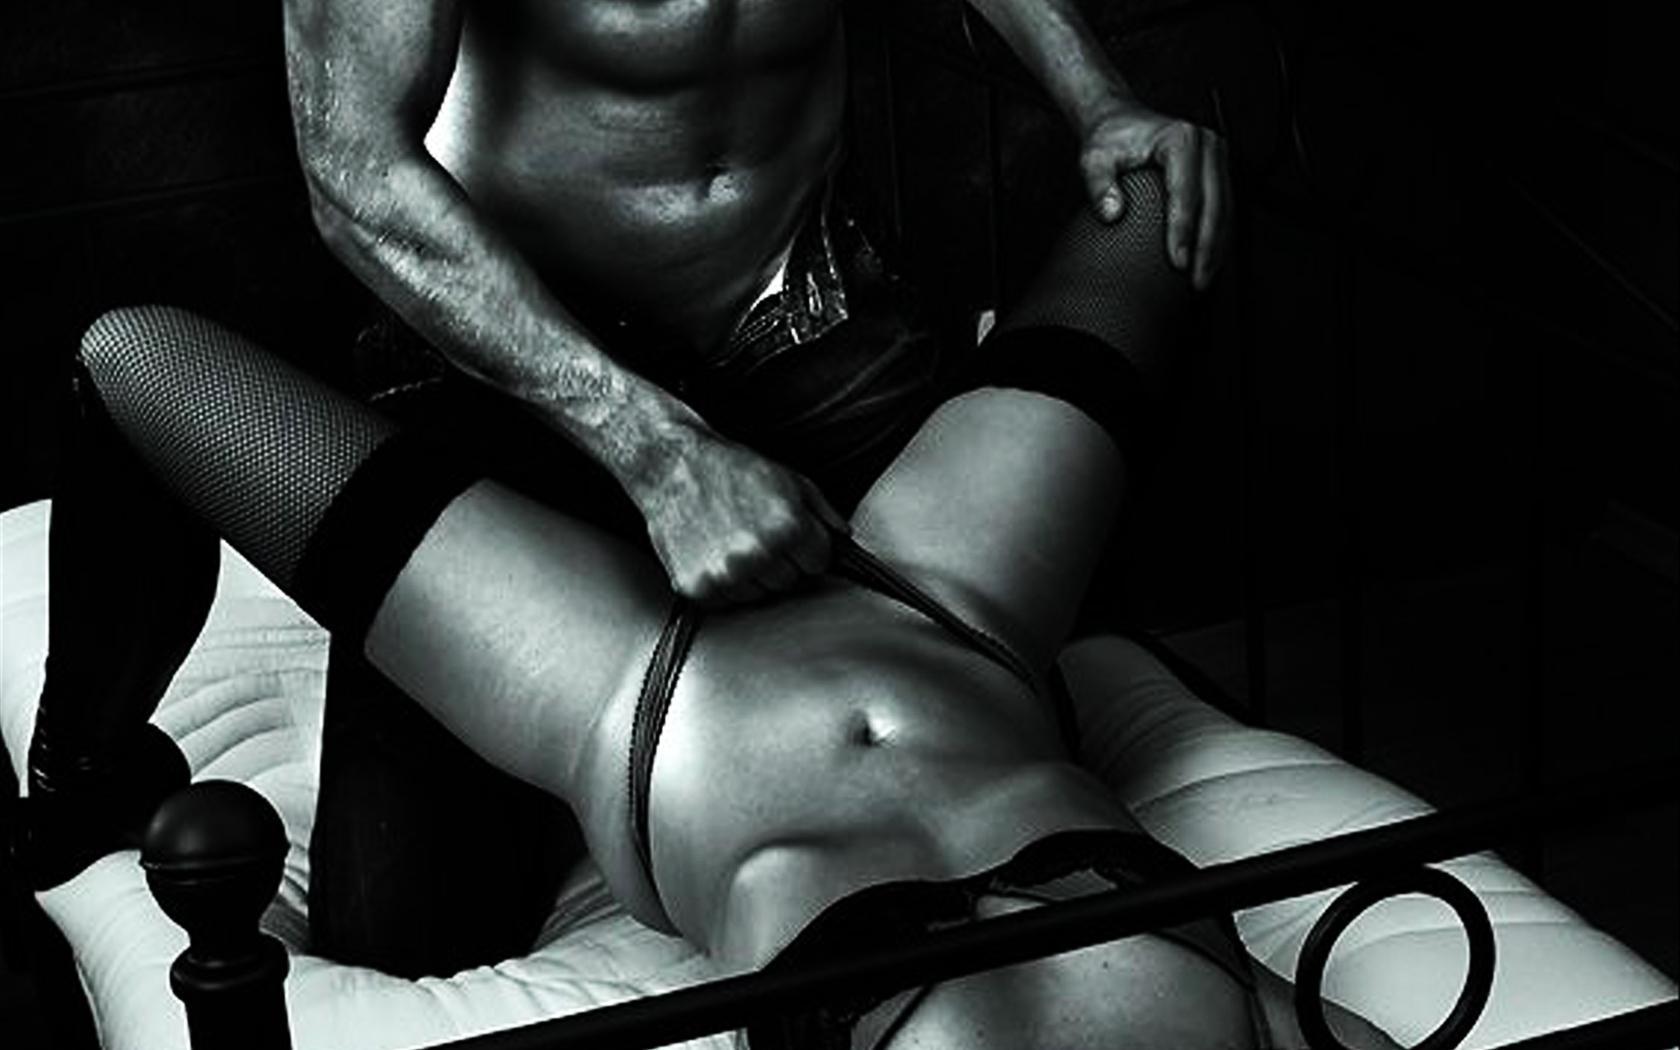 Фото мужчин и женщин интимные